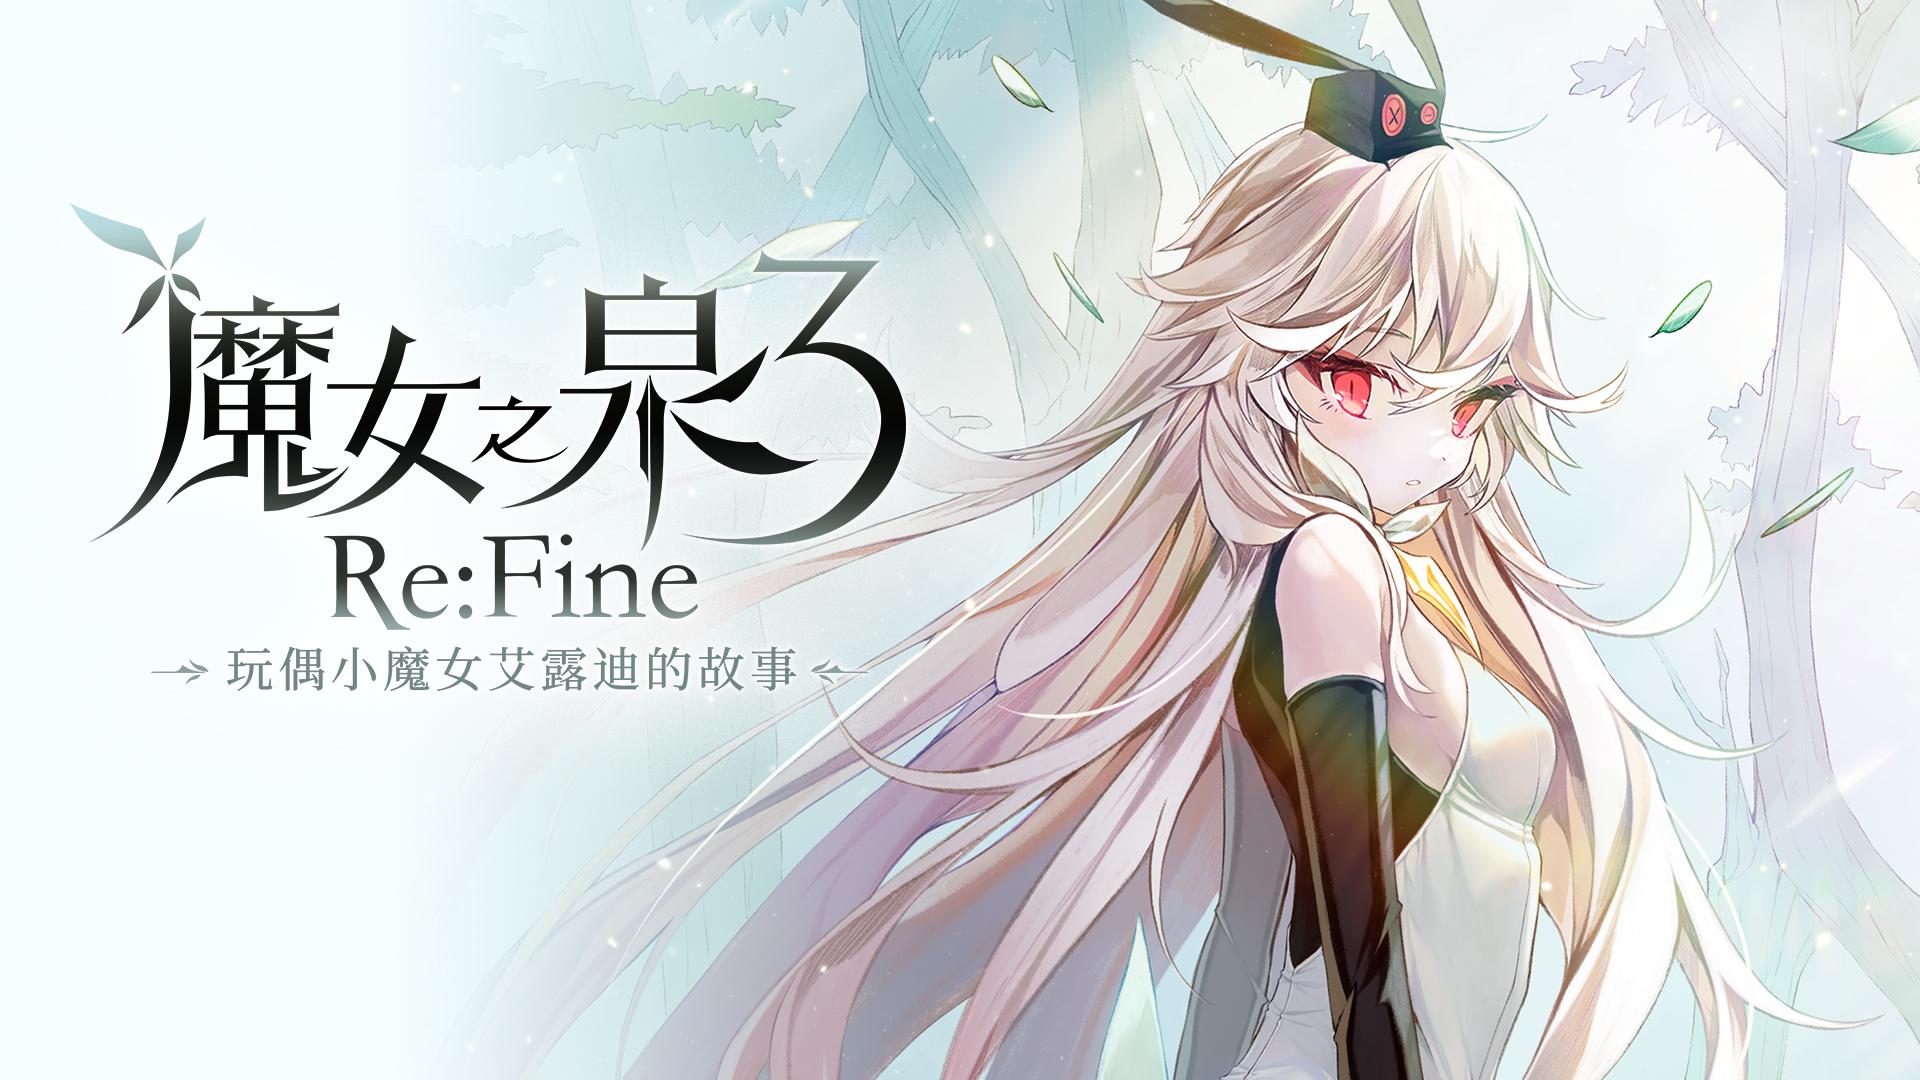 魔女之泉3 Re:Fine ―玩偶小魔女艾露迪的故事―